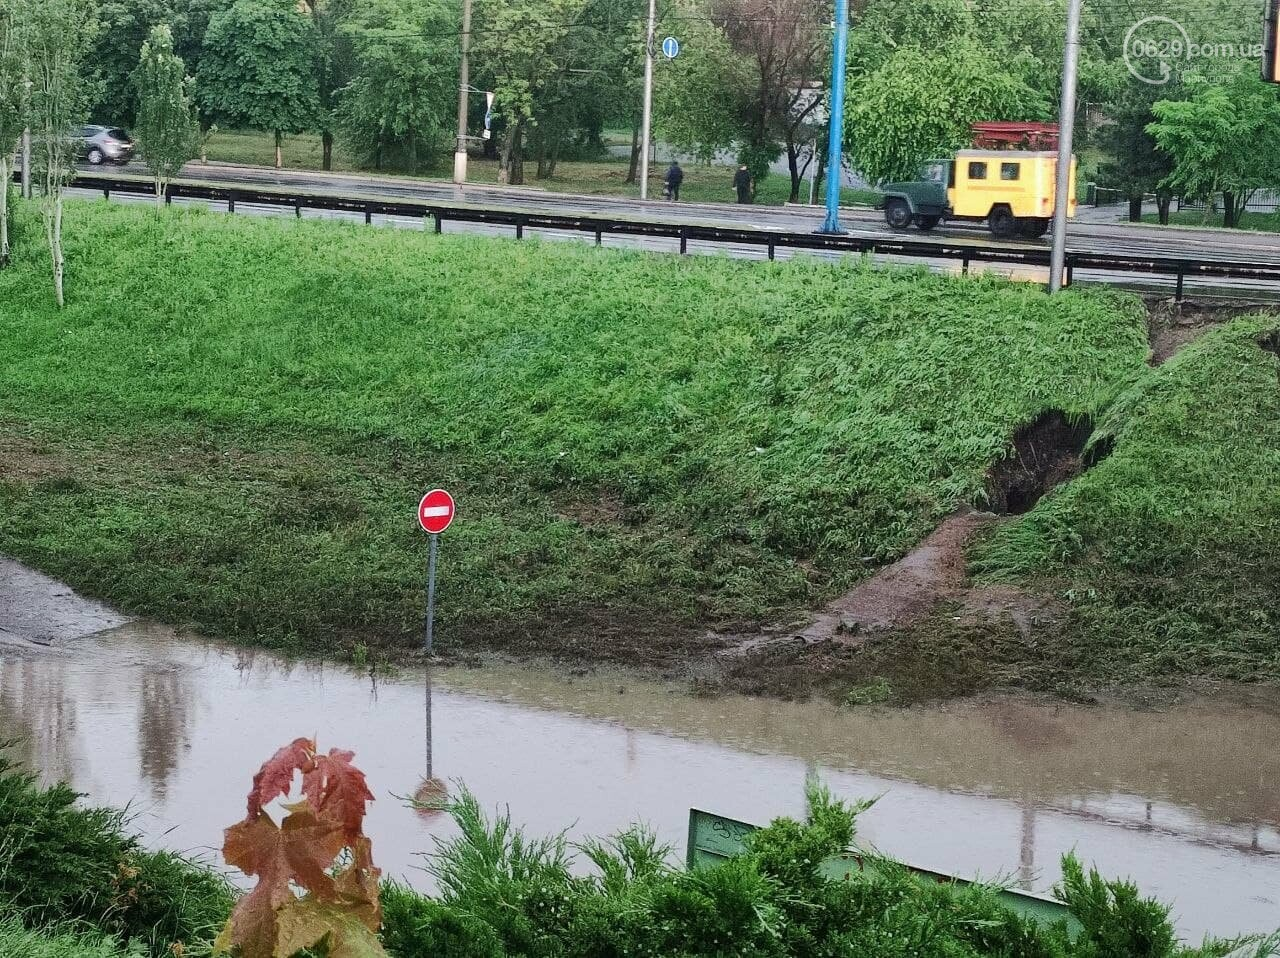 Потоп на улице Громовой. Водолазы опускаются на дно искусственного озера, - ФОТО, ВИДЕО, фото-2